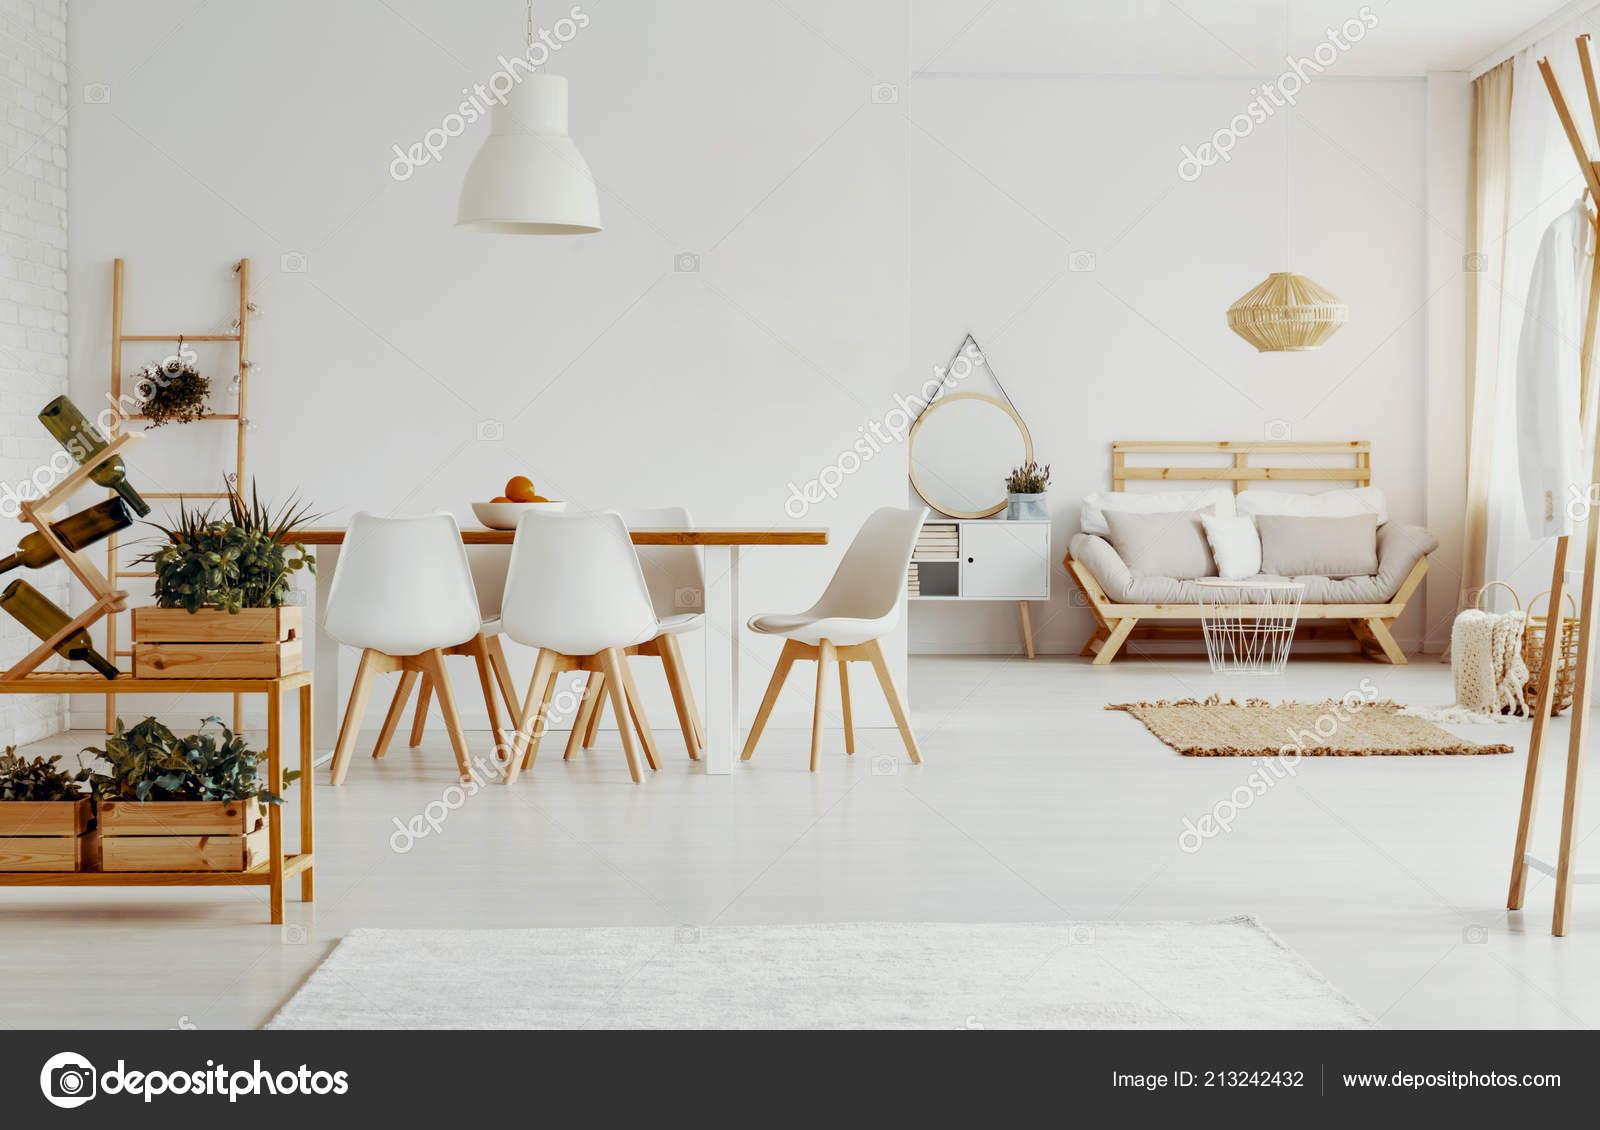 Witte Houten Bank Eettafel.Witte Stoelen Bij Eettafel Helder Appartement Interieur Met Planten